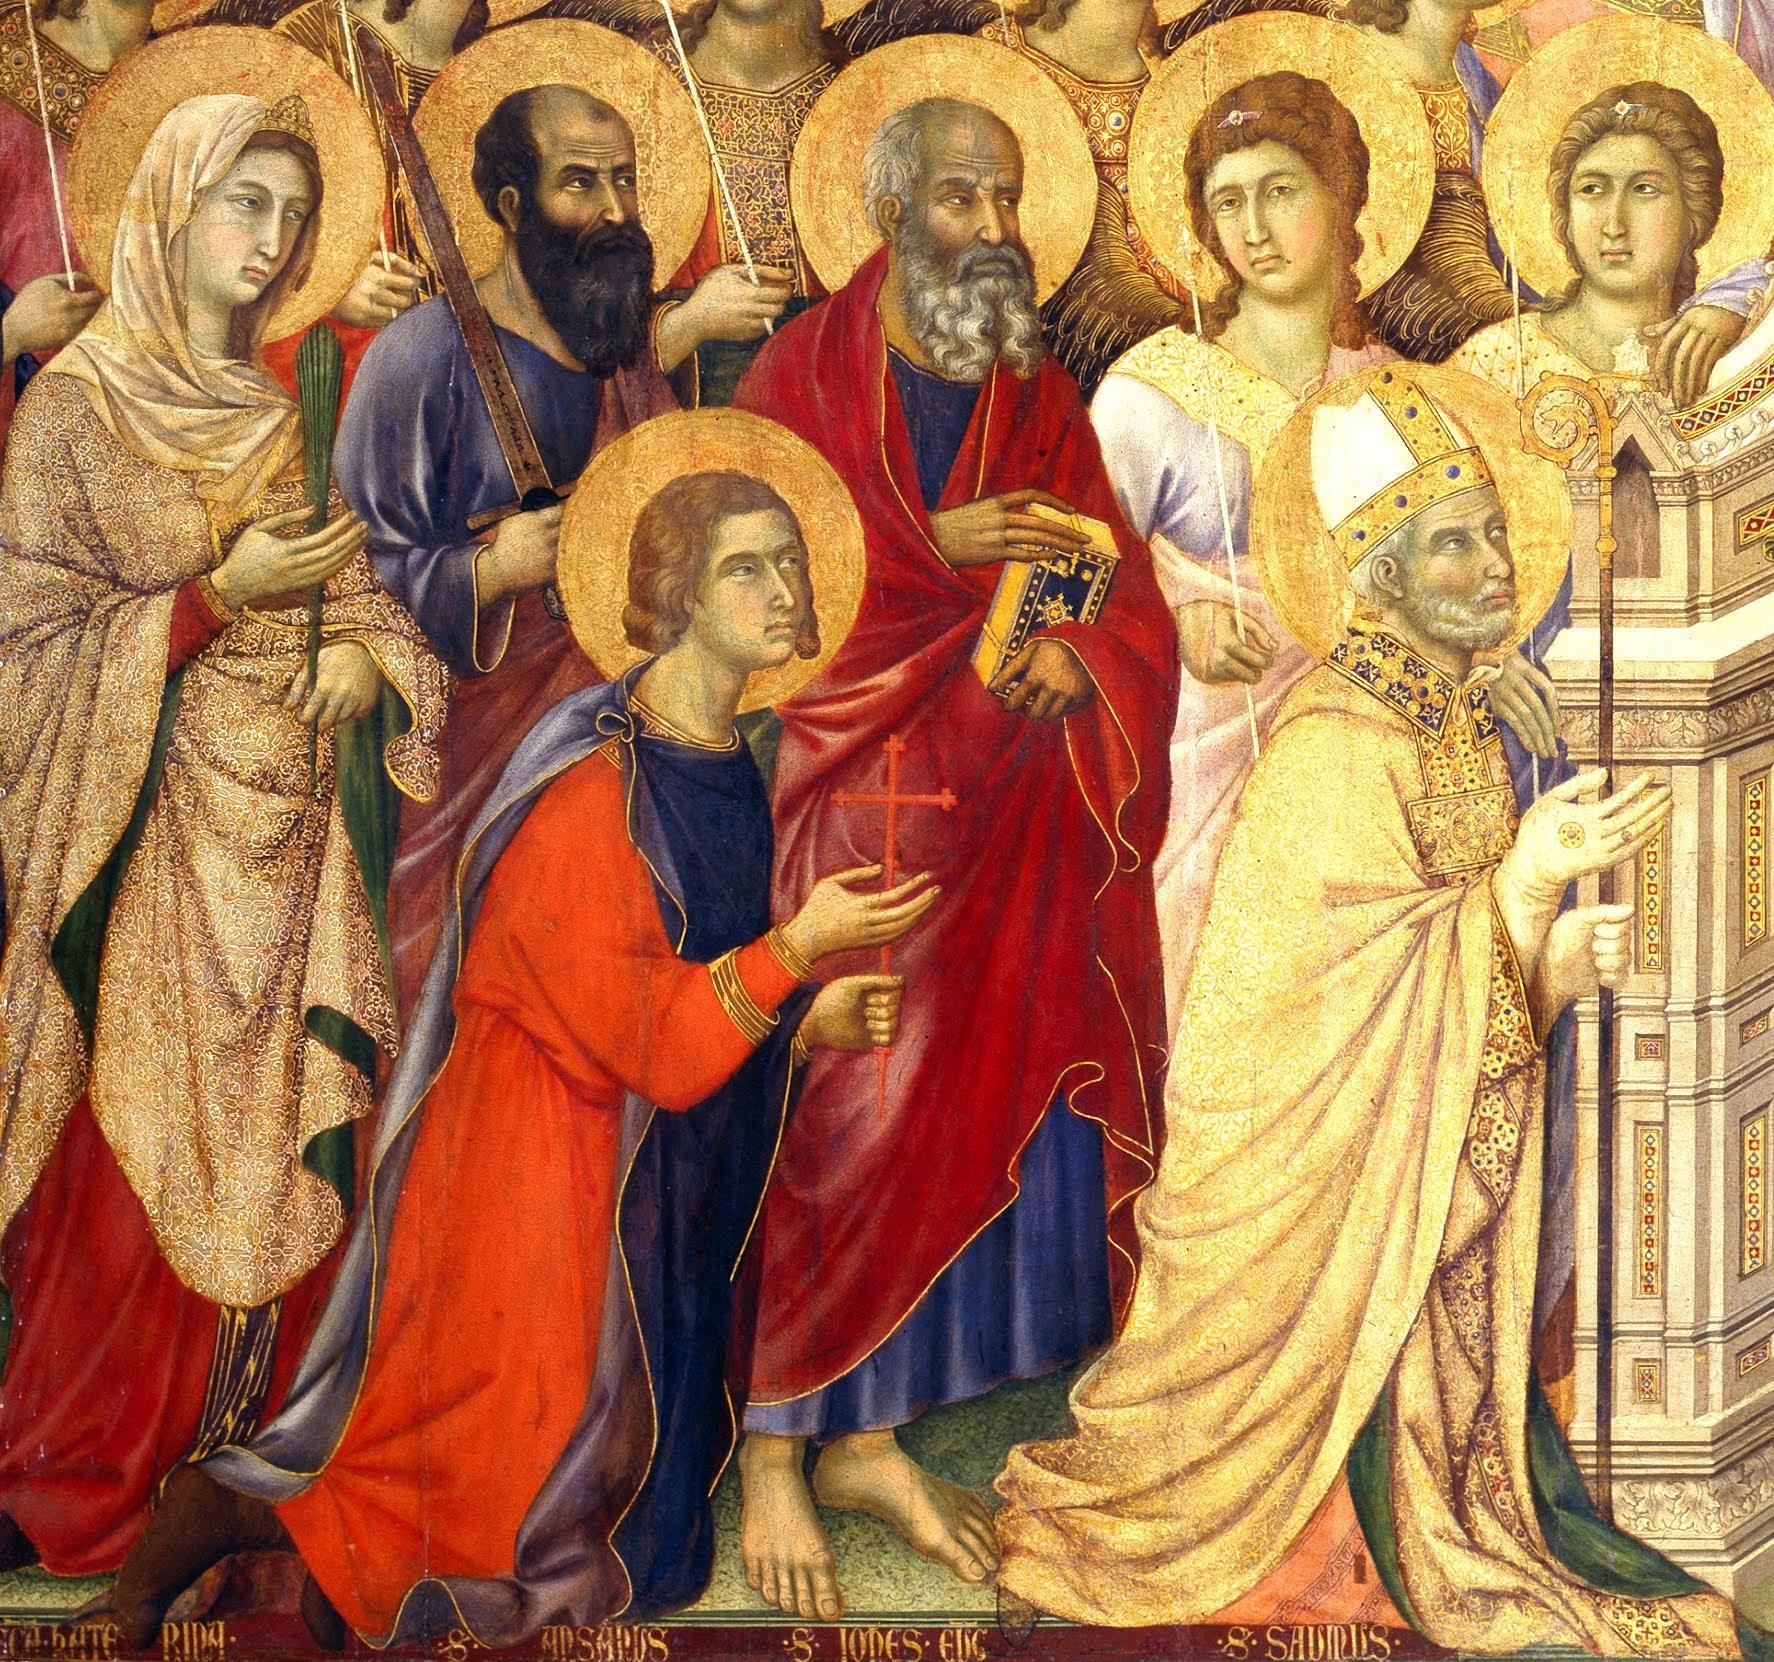 Duccio di Boninsegna, Maestà del Duomo di Siena (1308-1311), particolare della tavola principale - genoflessi (da sinistra): Sant'Ansano e San Savino, Patroni di Siena - in piedi (da sinistra): Santa Caterina d'Alessandria, San Paolo e San Giovanni Evangelista